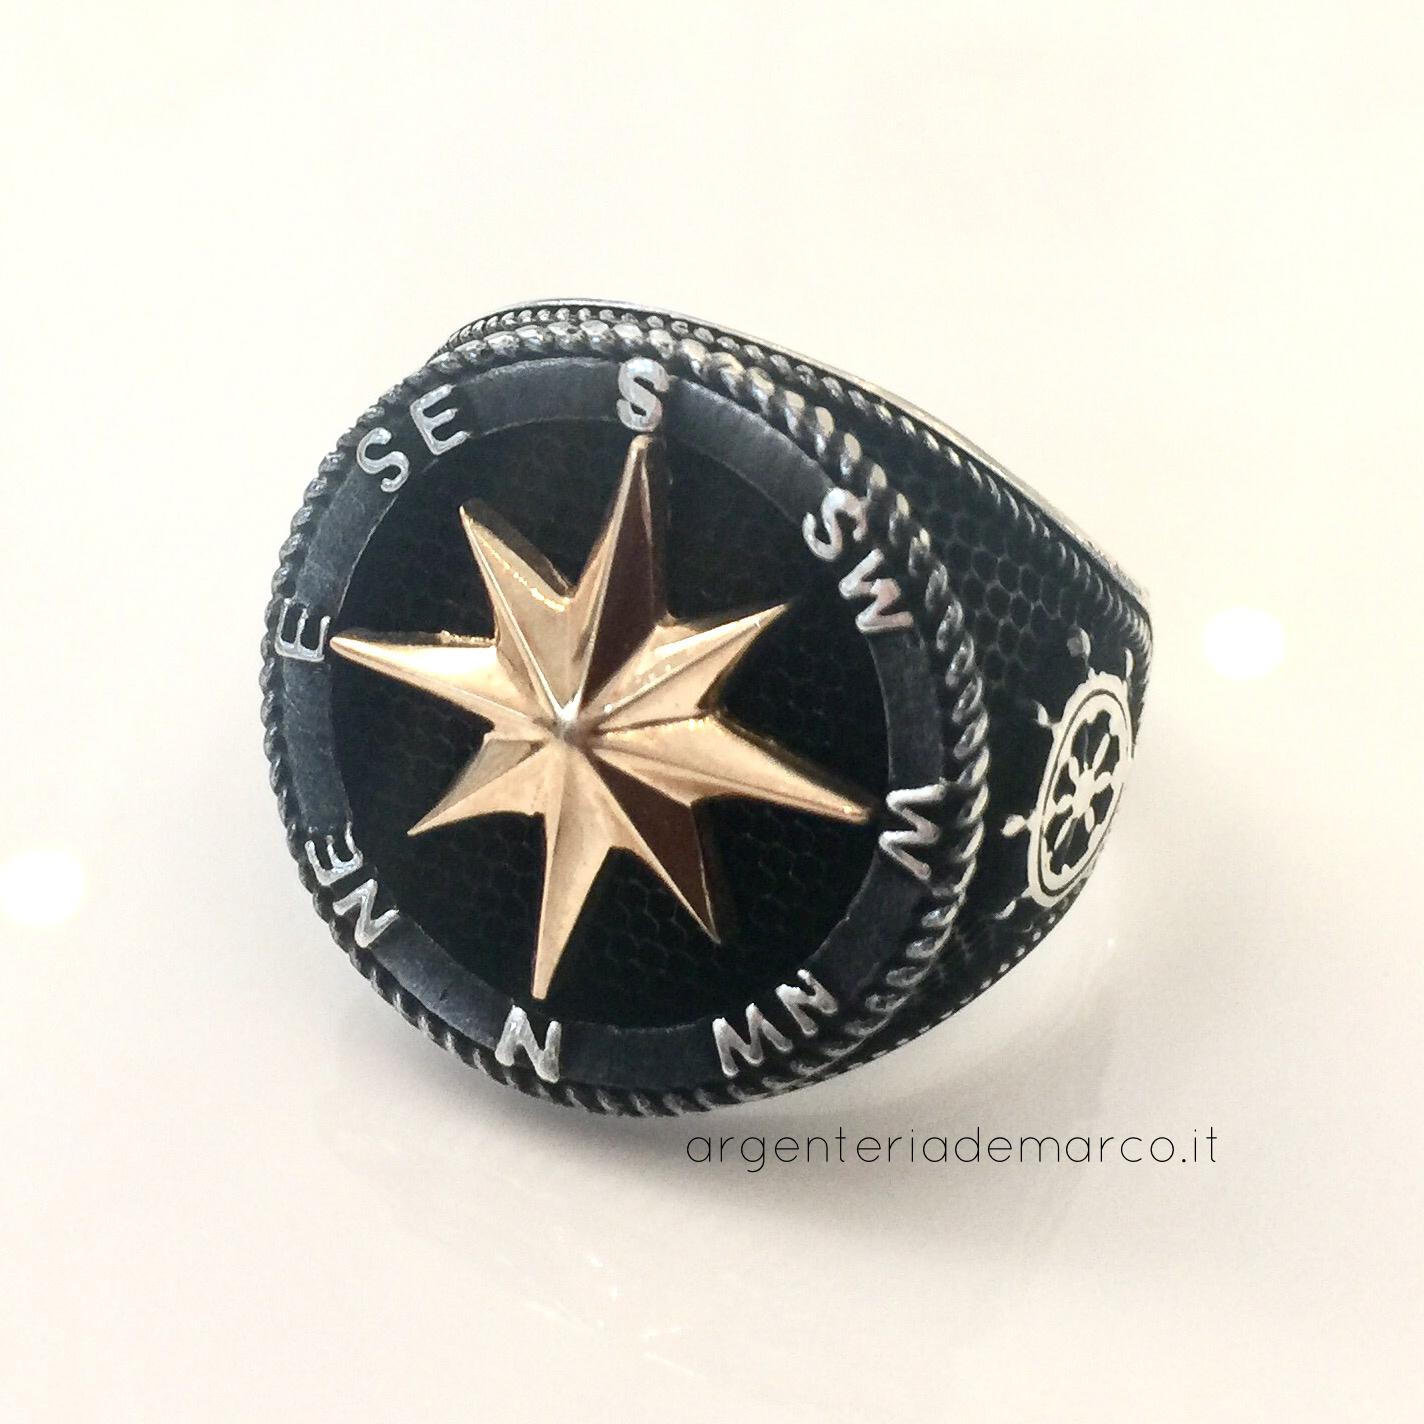 anello uomo argento (1)